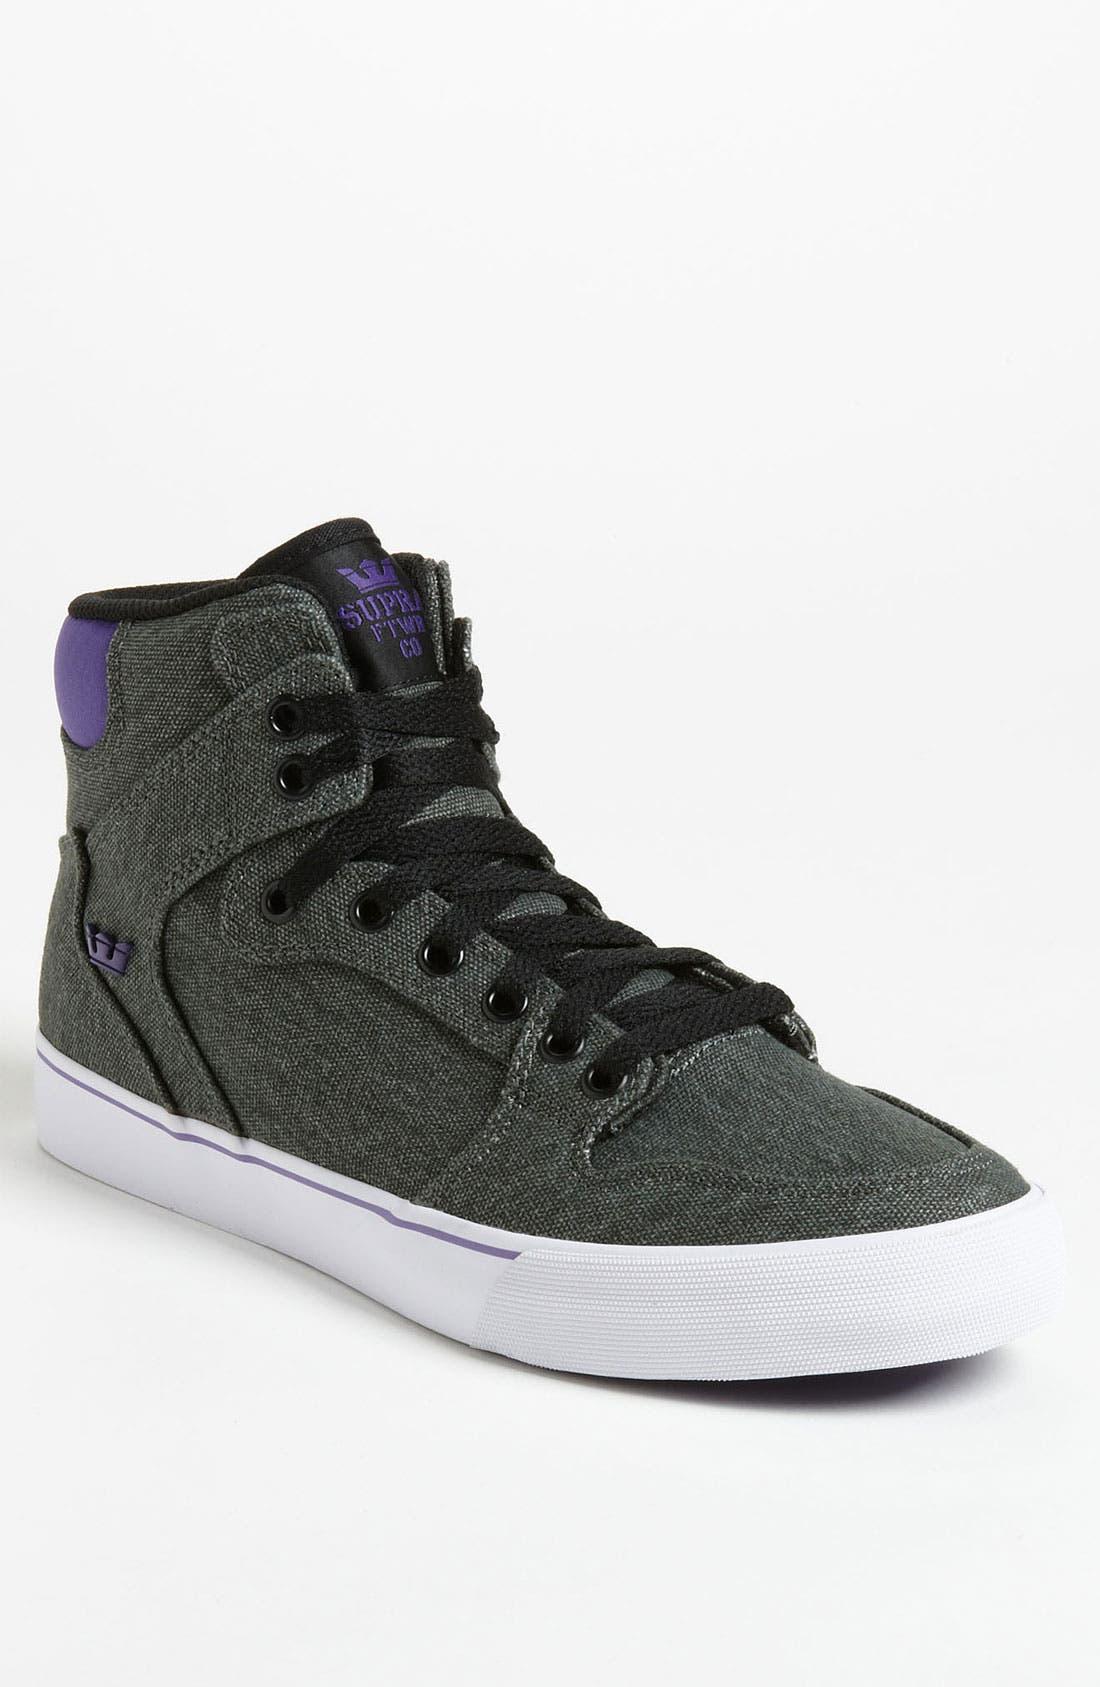 Alternate Image 1 Selected - Supra 'Vaider' Sneaker (Men)